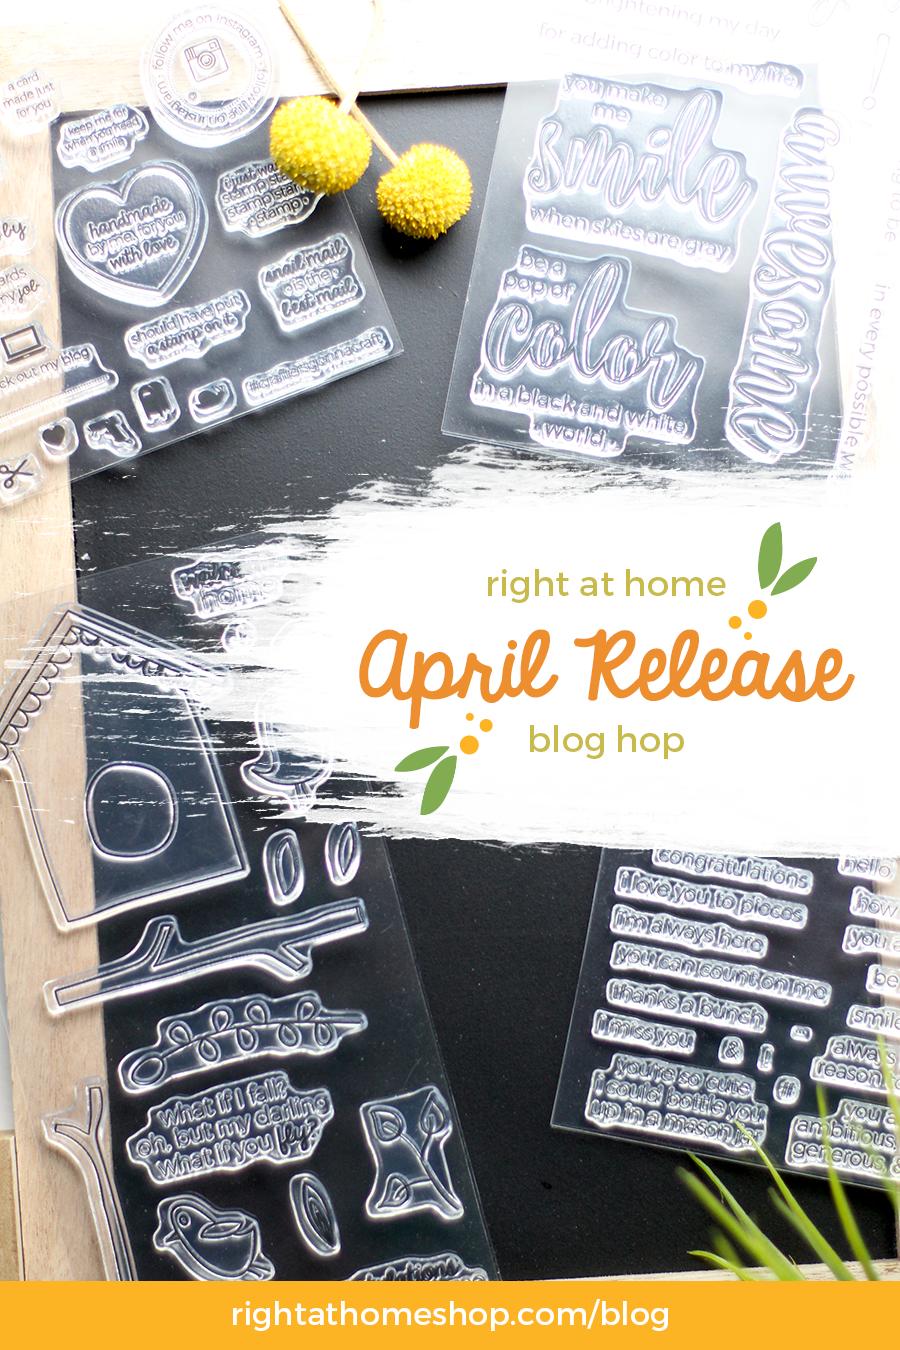 Right at Home Stamps April Release Blog Hop - rightathomeshop.com/blog